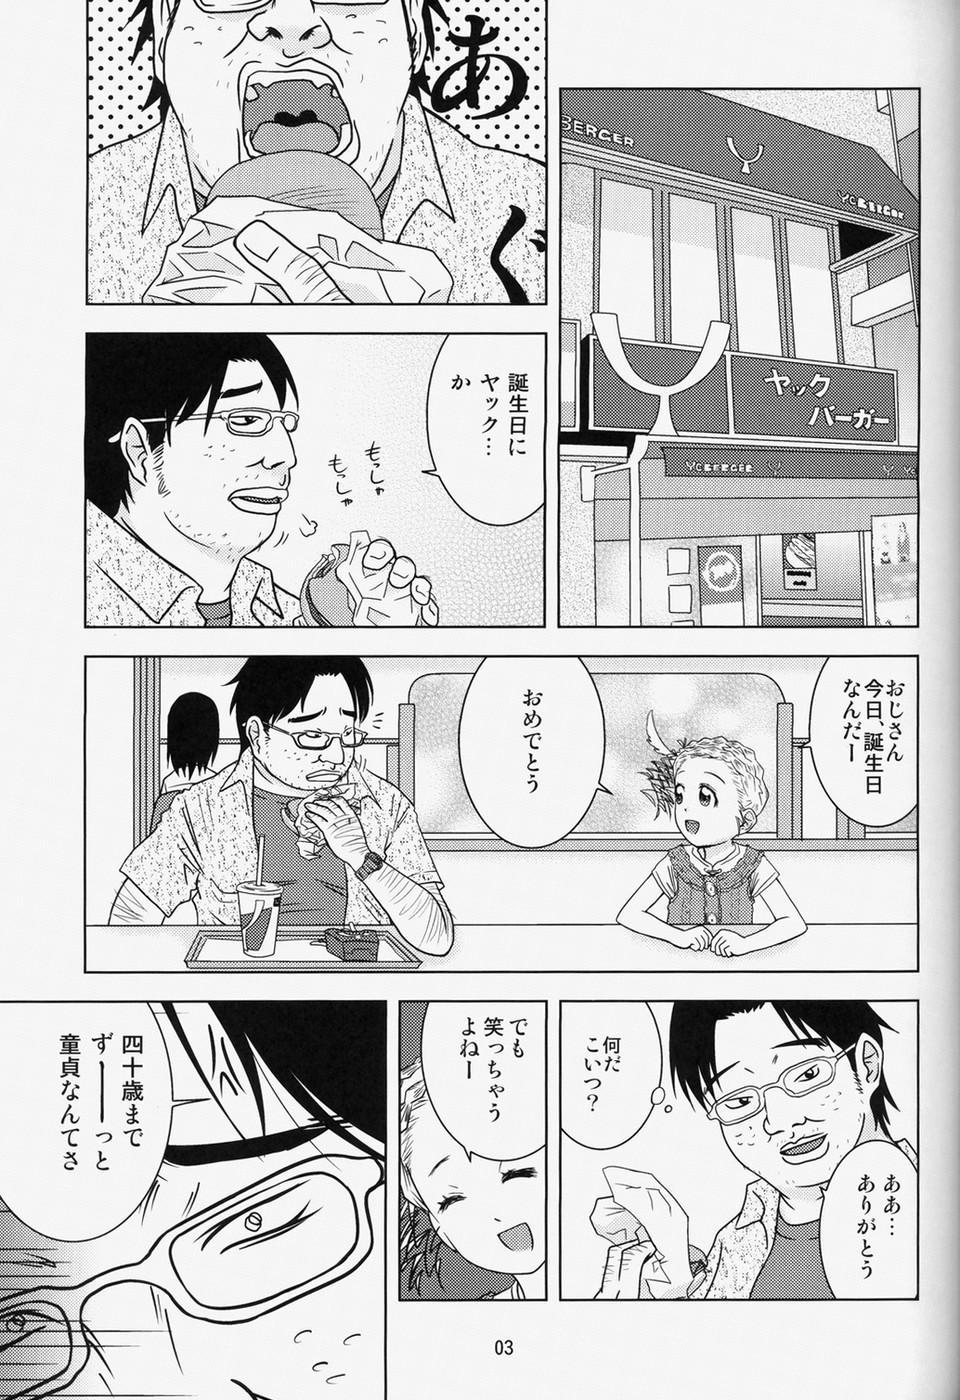 Moshimo Jikan ga Tomattara!? 2 Byou 1